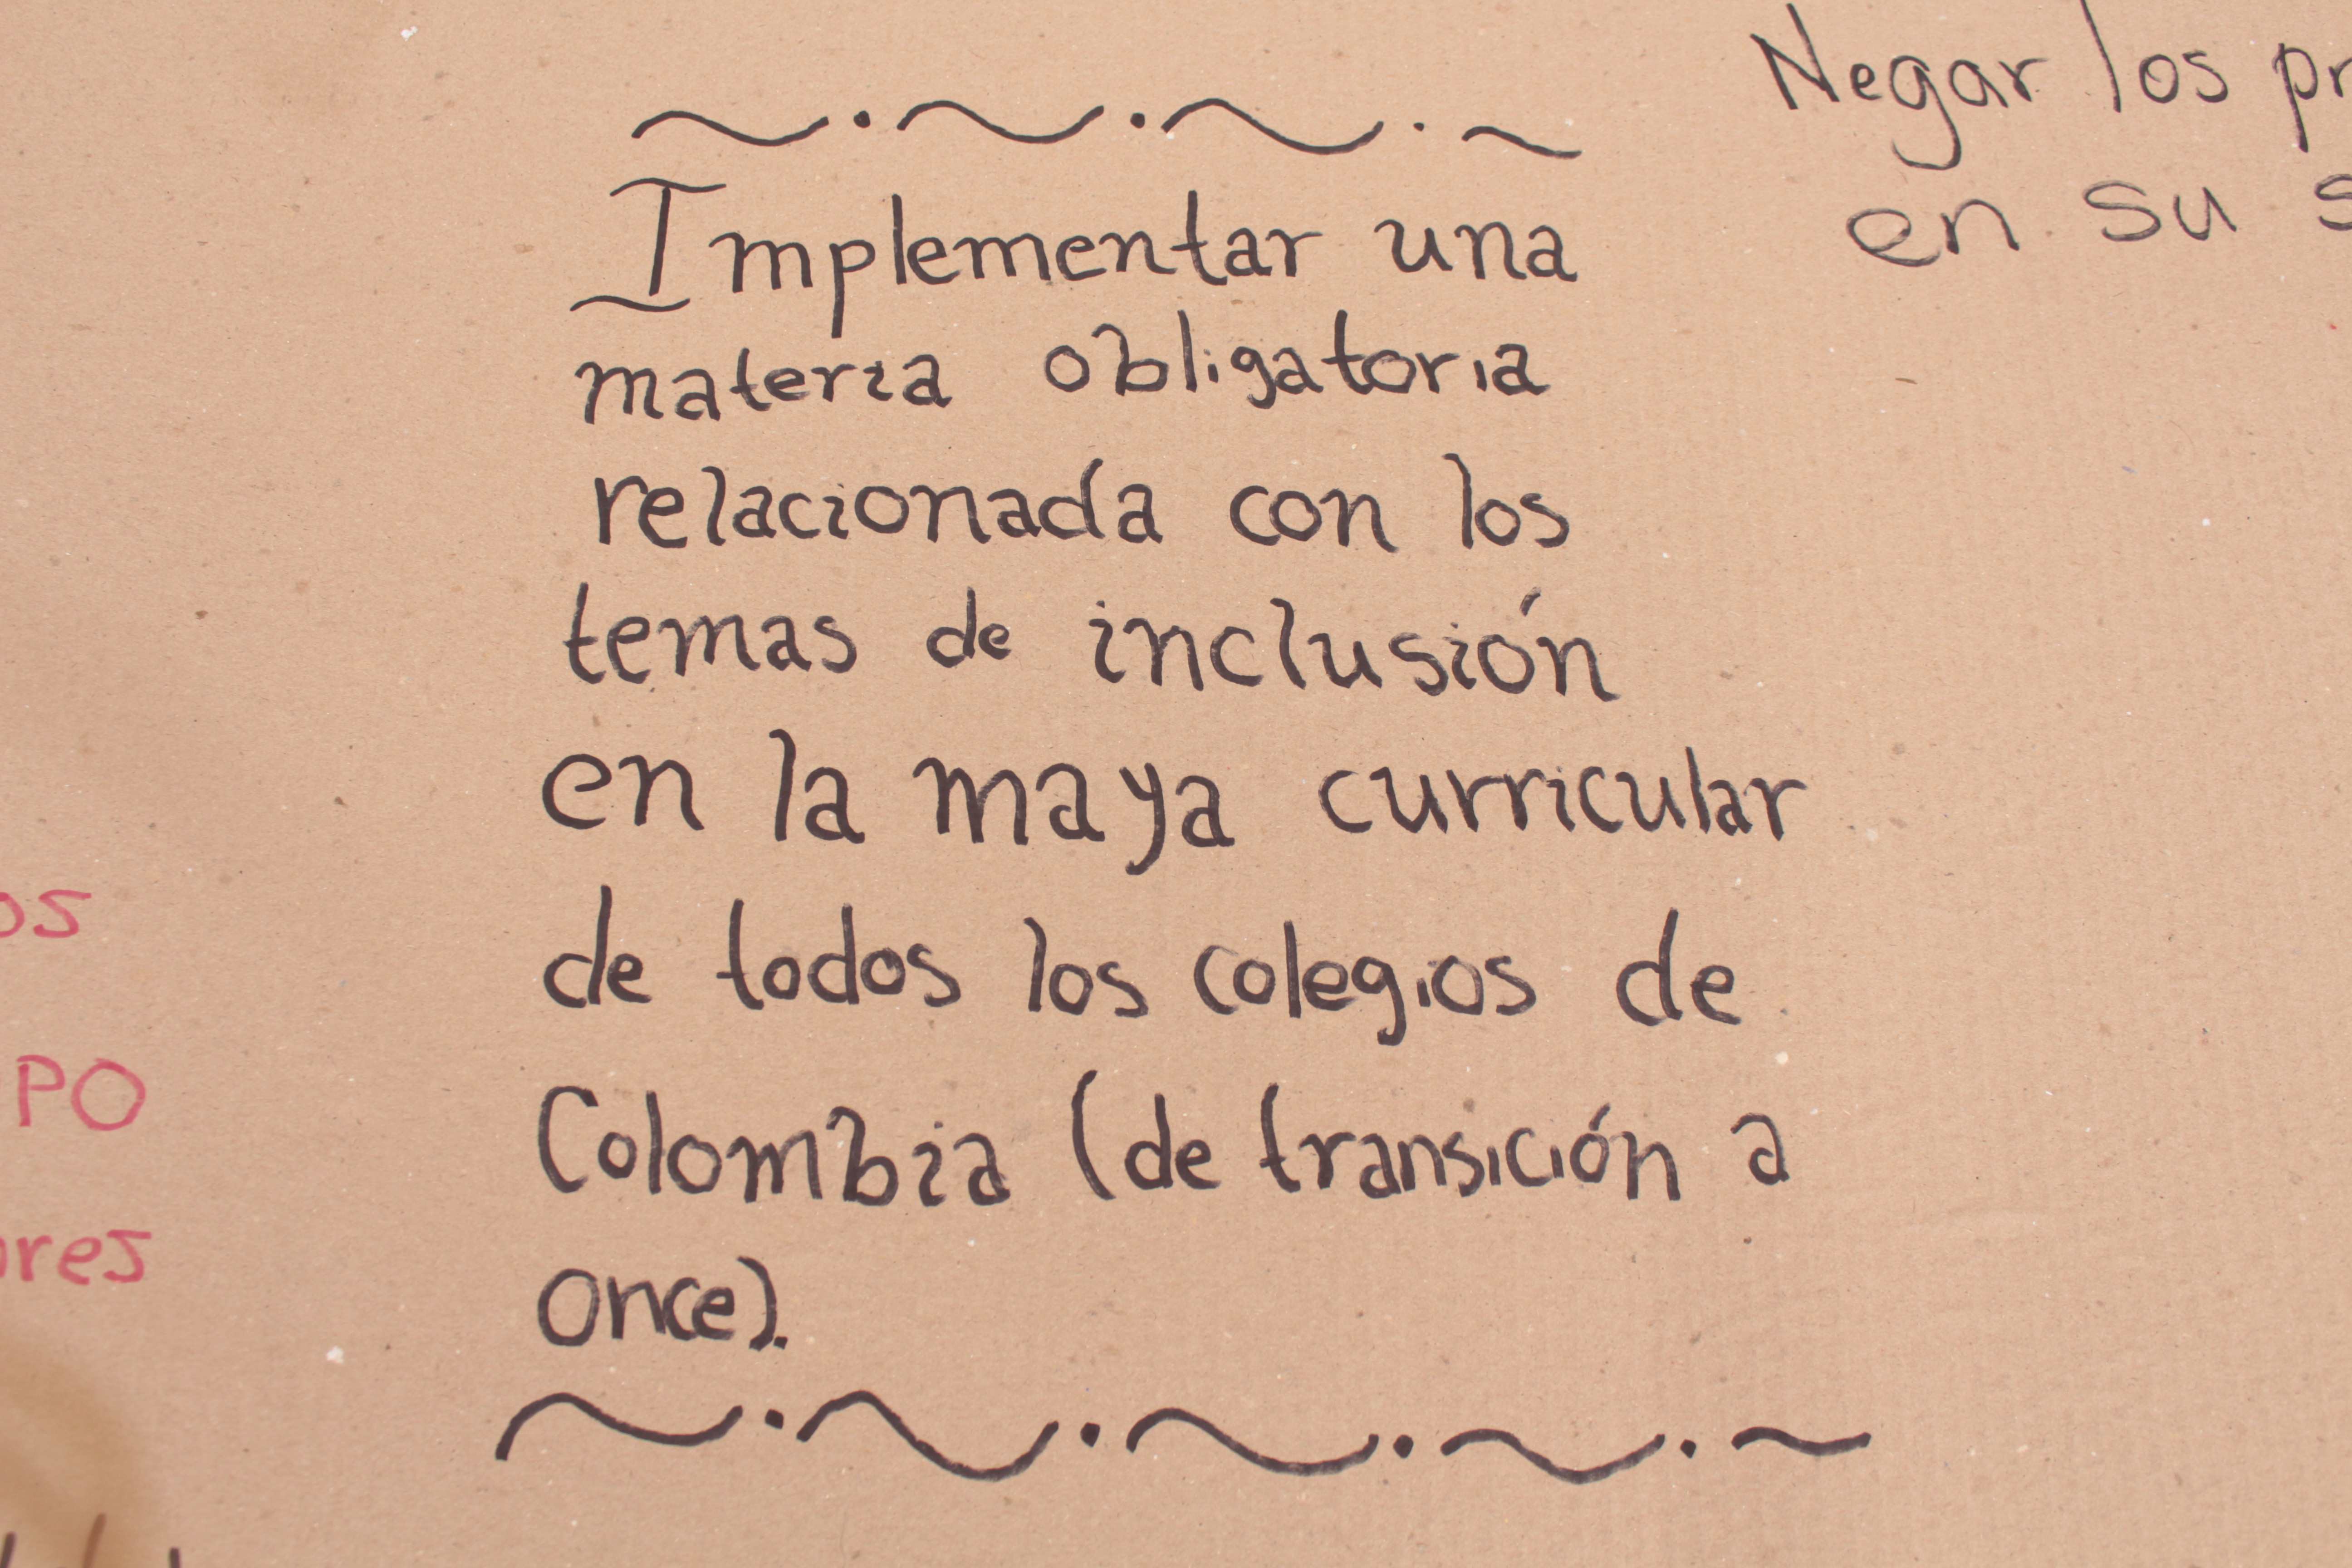 Implementar una materia obligatoria relacionada con los temas de inclusión en la malla curricular de todos los colegios de colombia